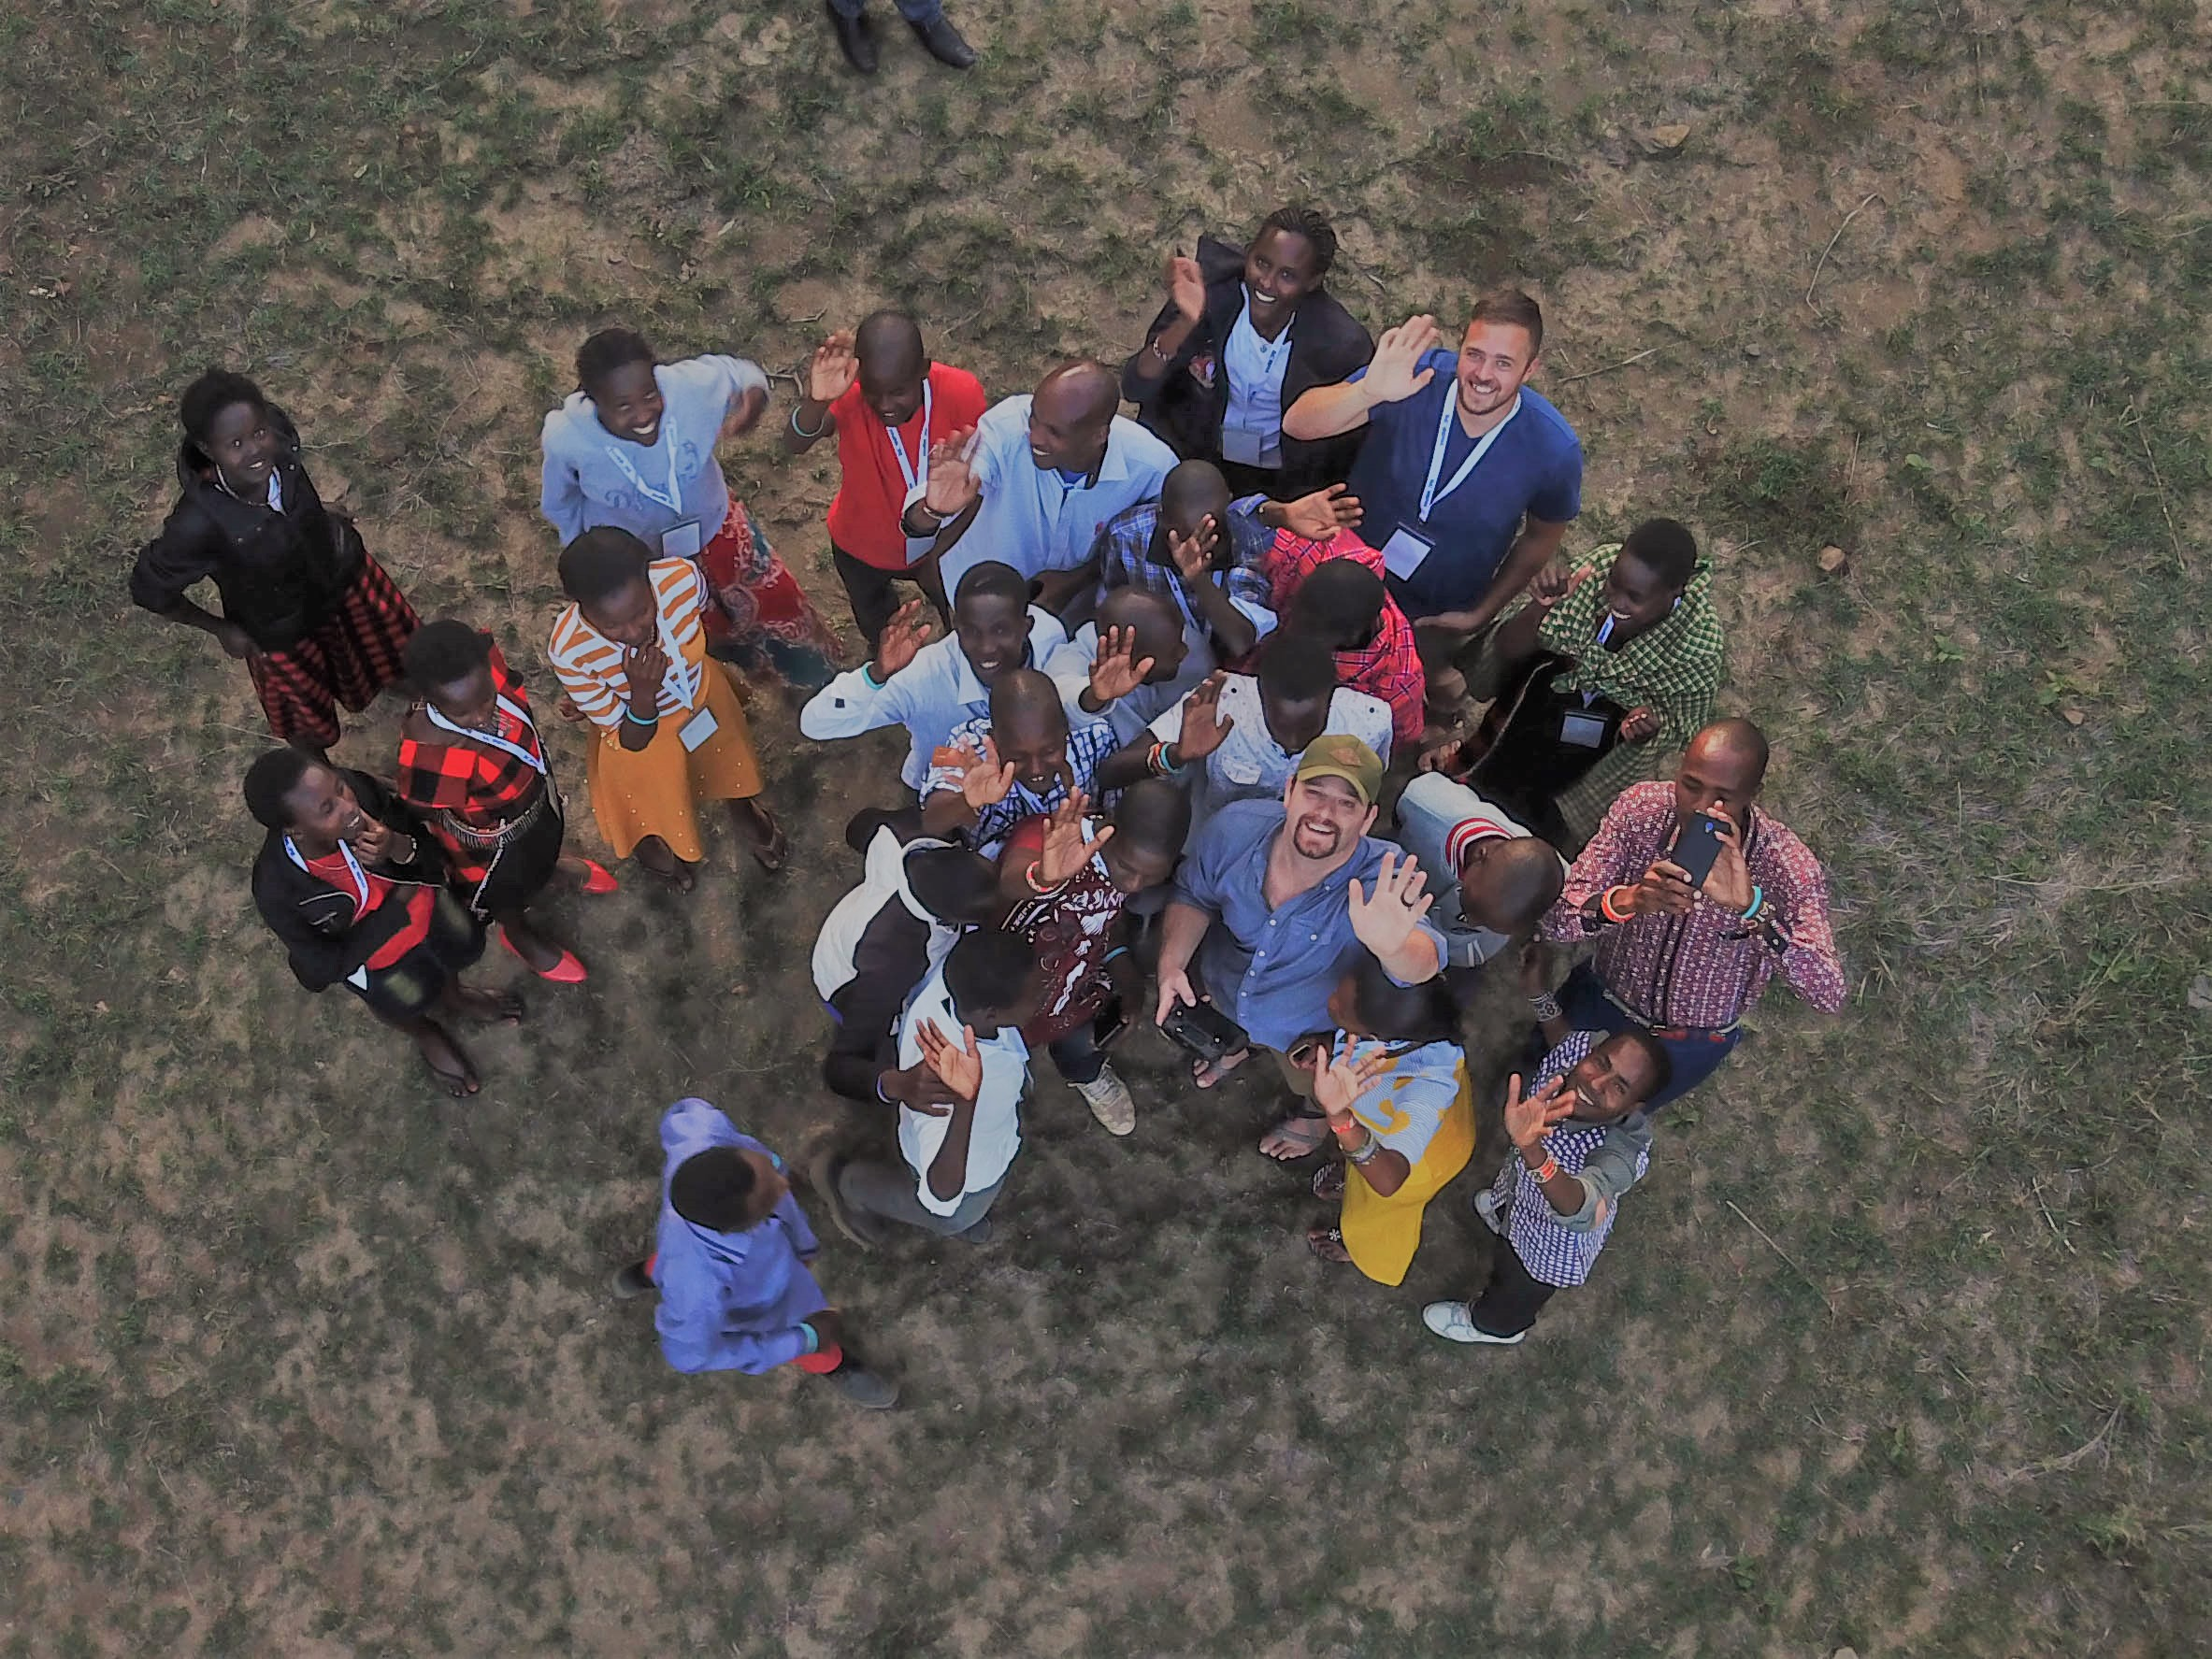 Youth_Hope_Kenya-49.jpg